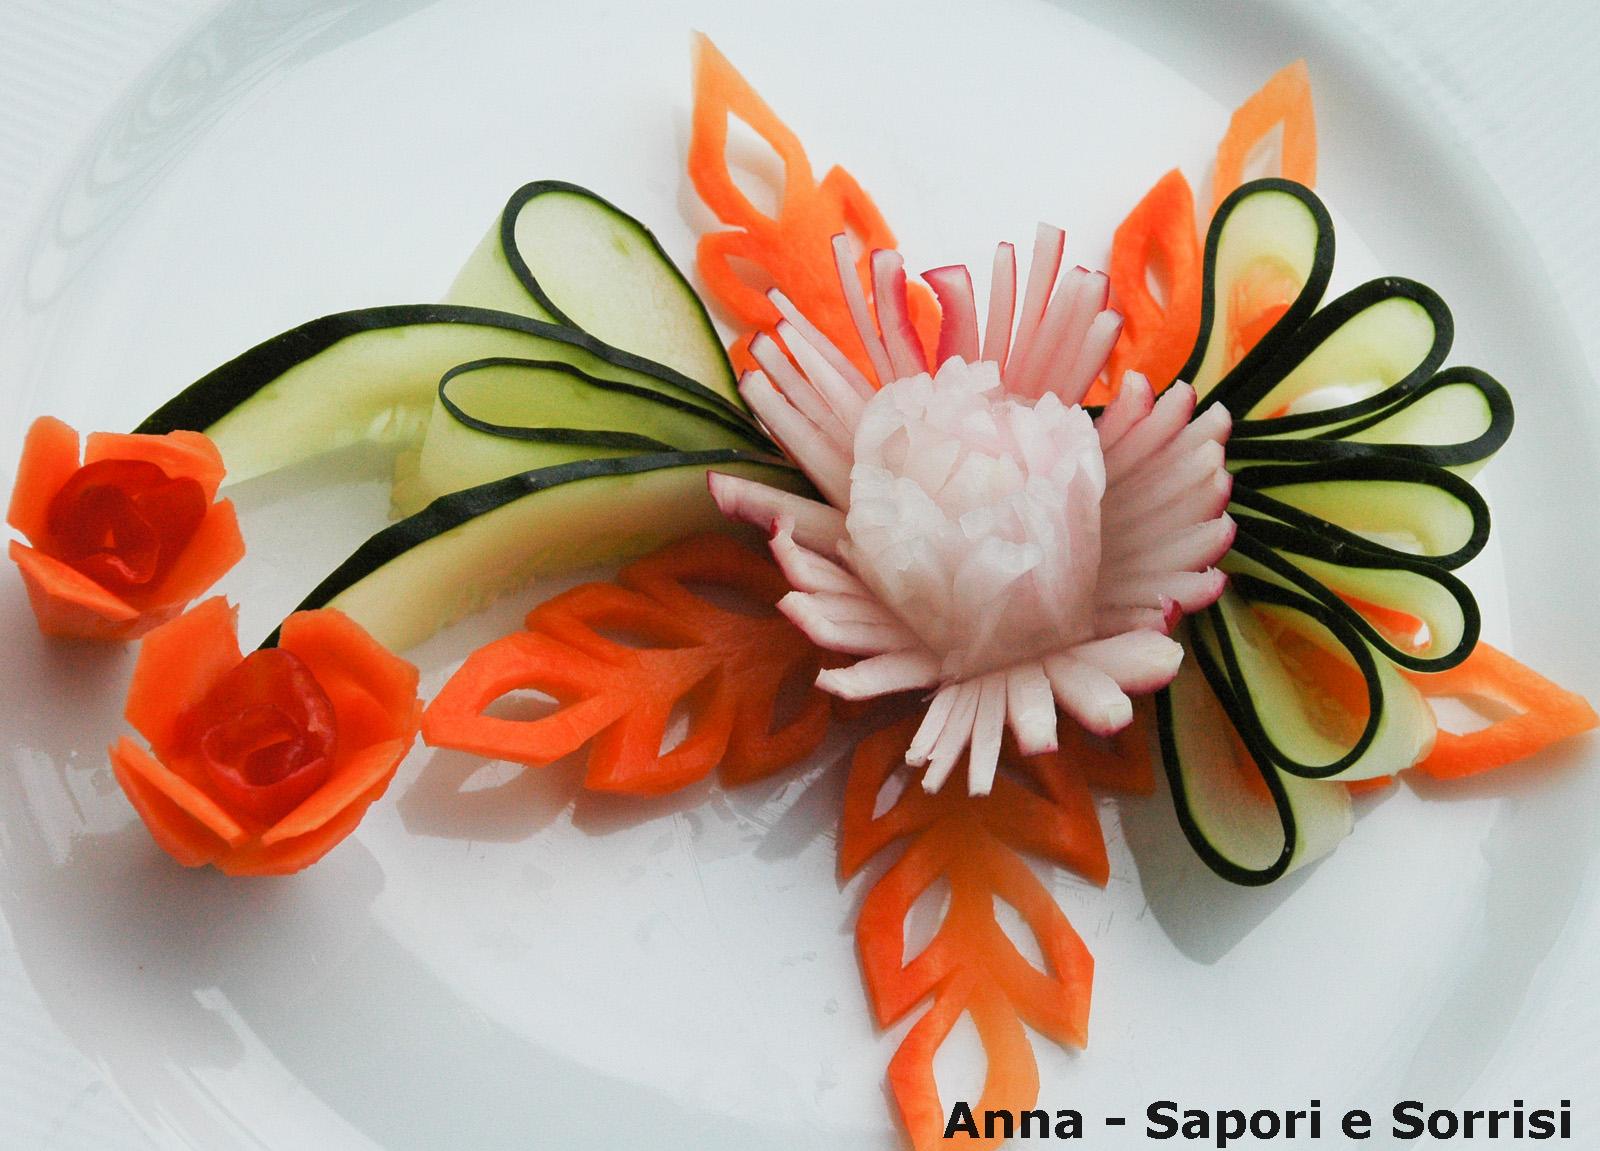 ANNA-SAPORI E SORRISI: Decorazioni piatti con verdura